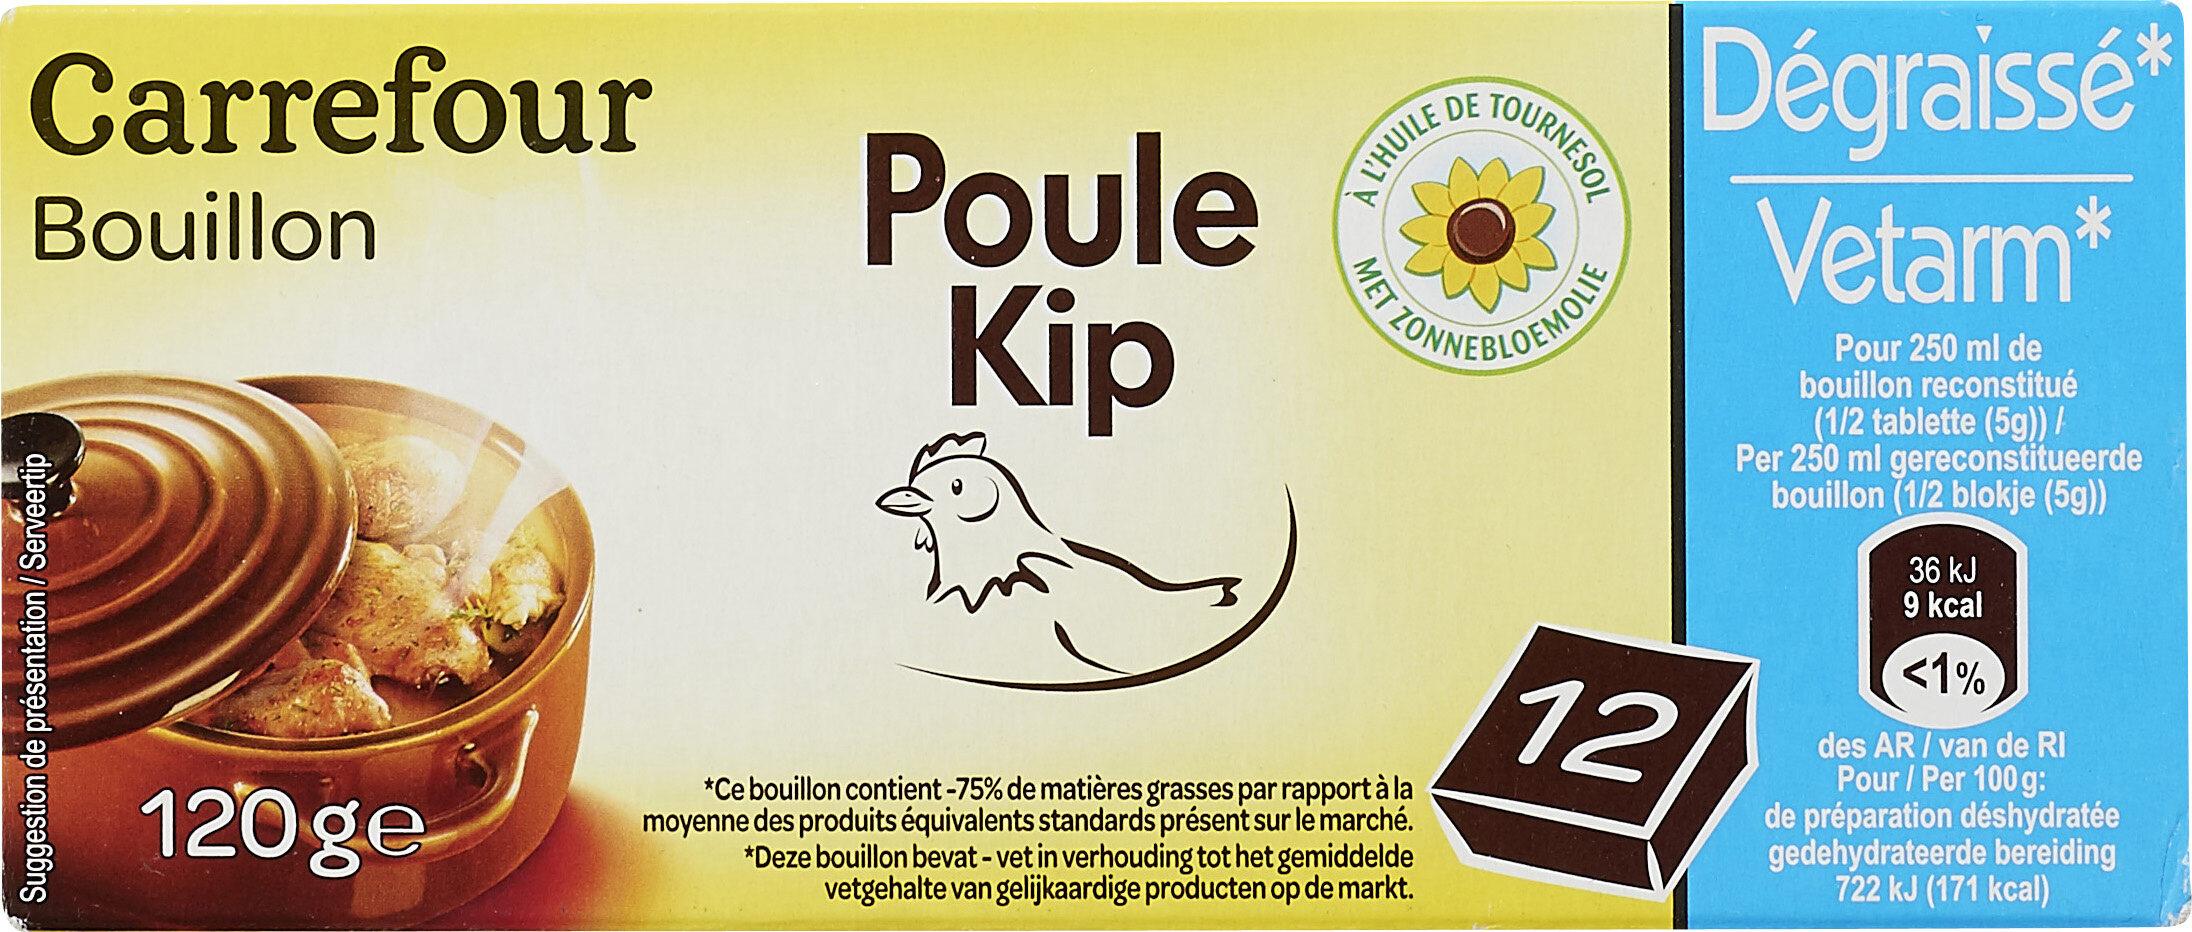 Bouillon Goût volaille Dégraissé* - Producto - fr